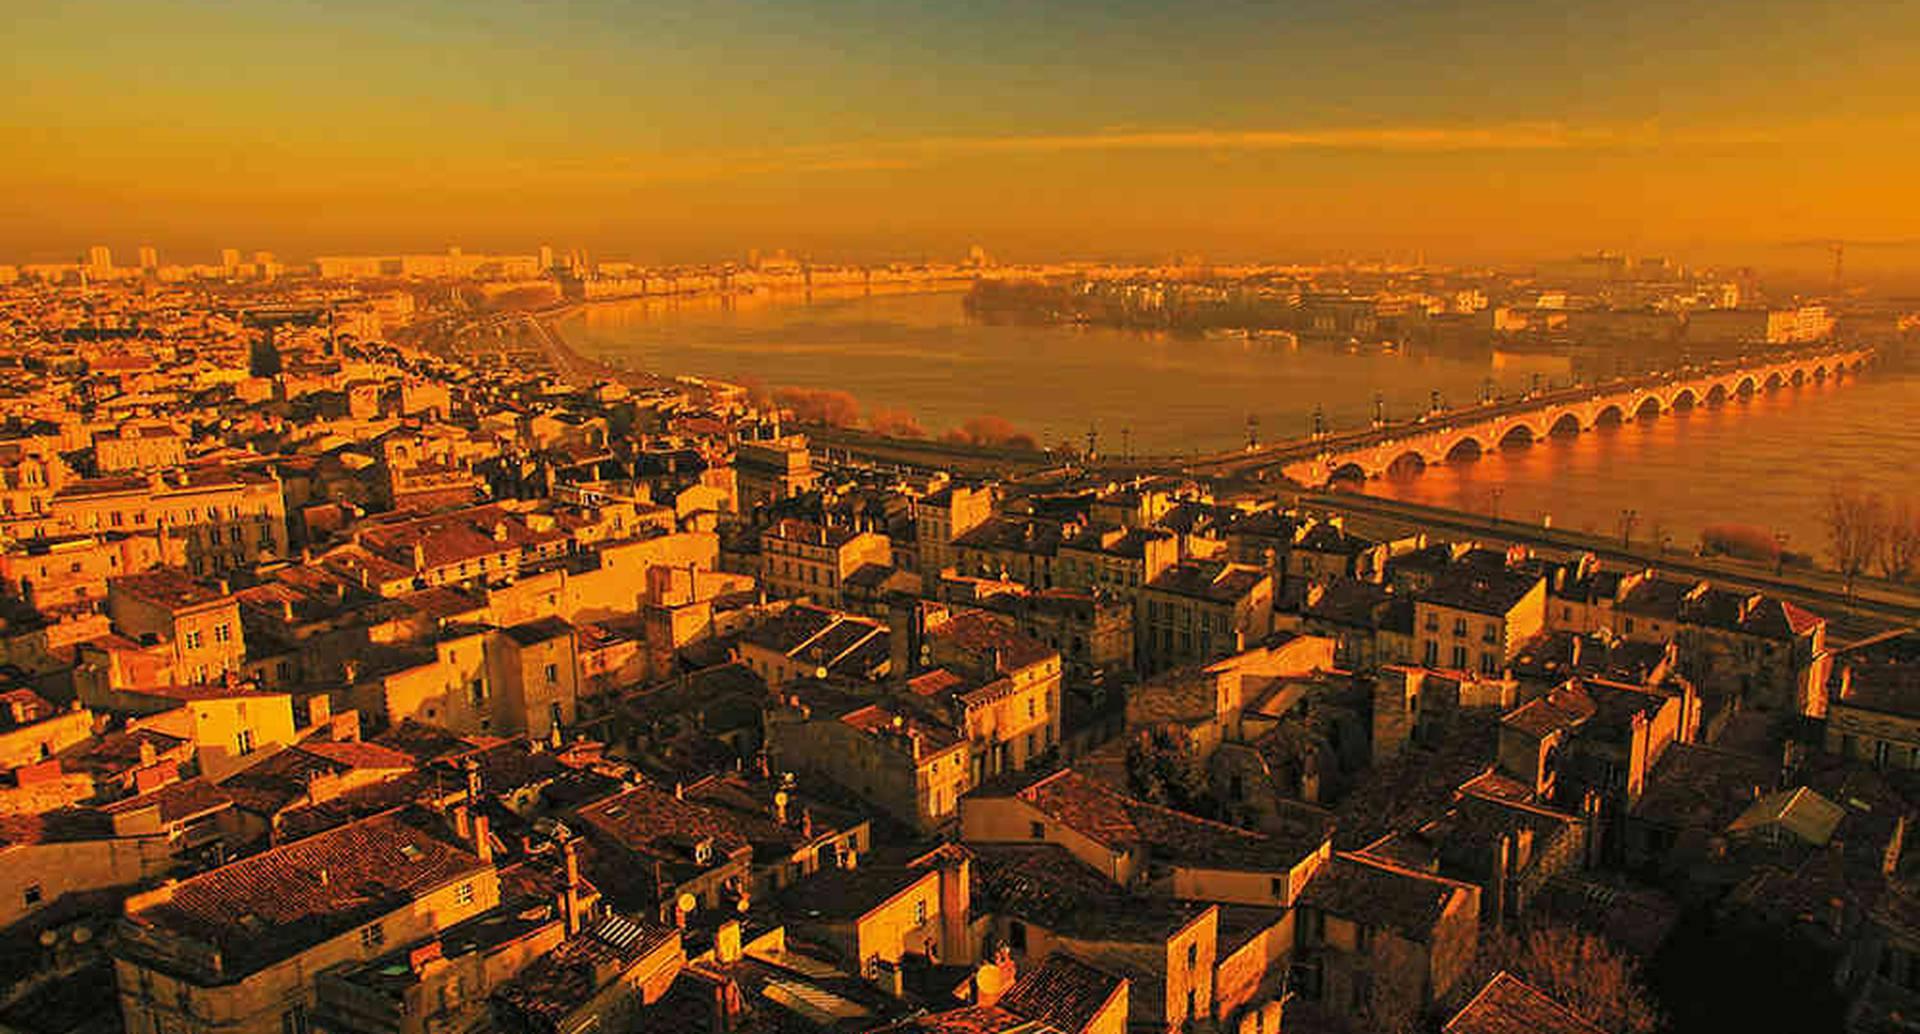 La ciudad de Bordeaux fue declarada Patrimonio Mundial de la Unesco en 2007.